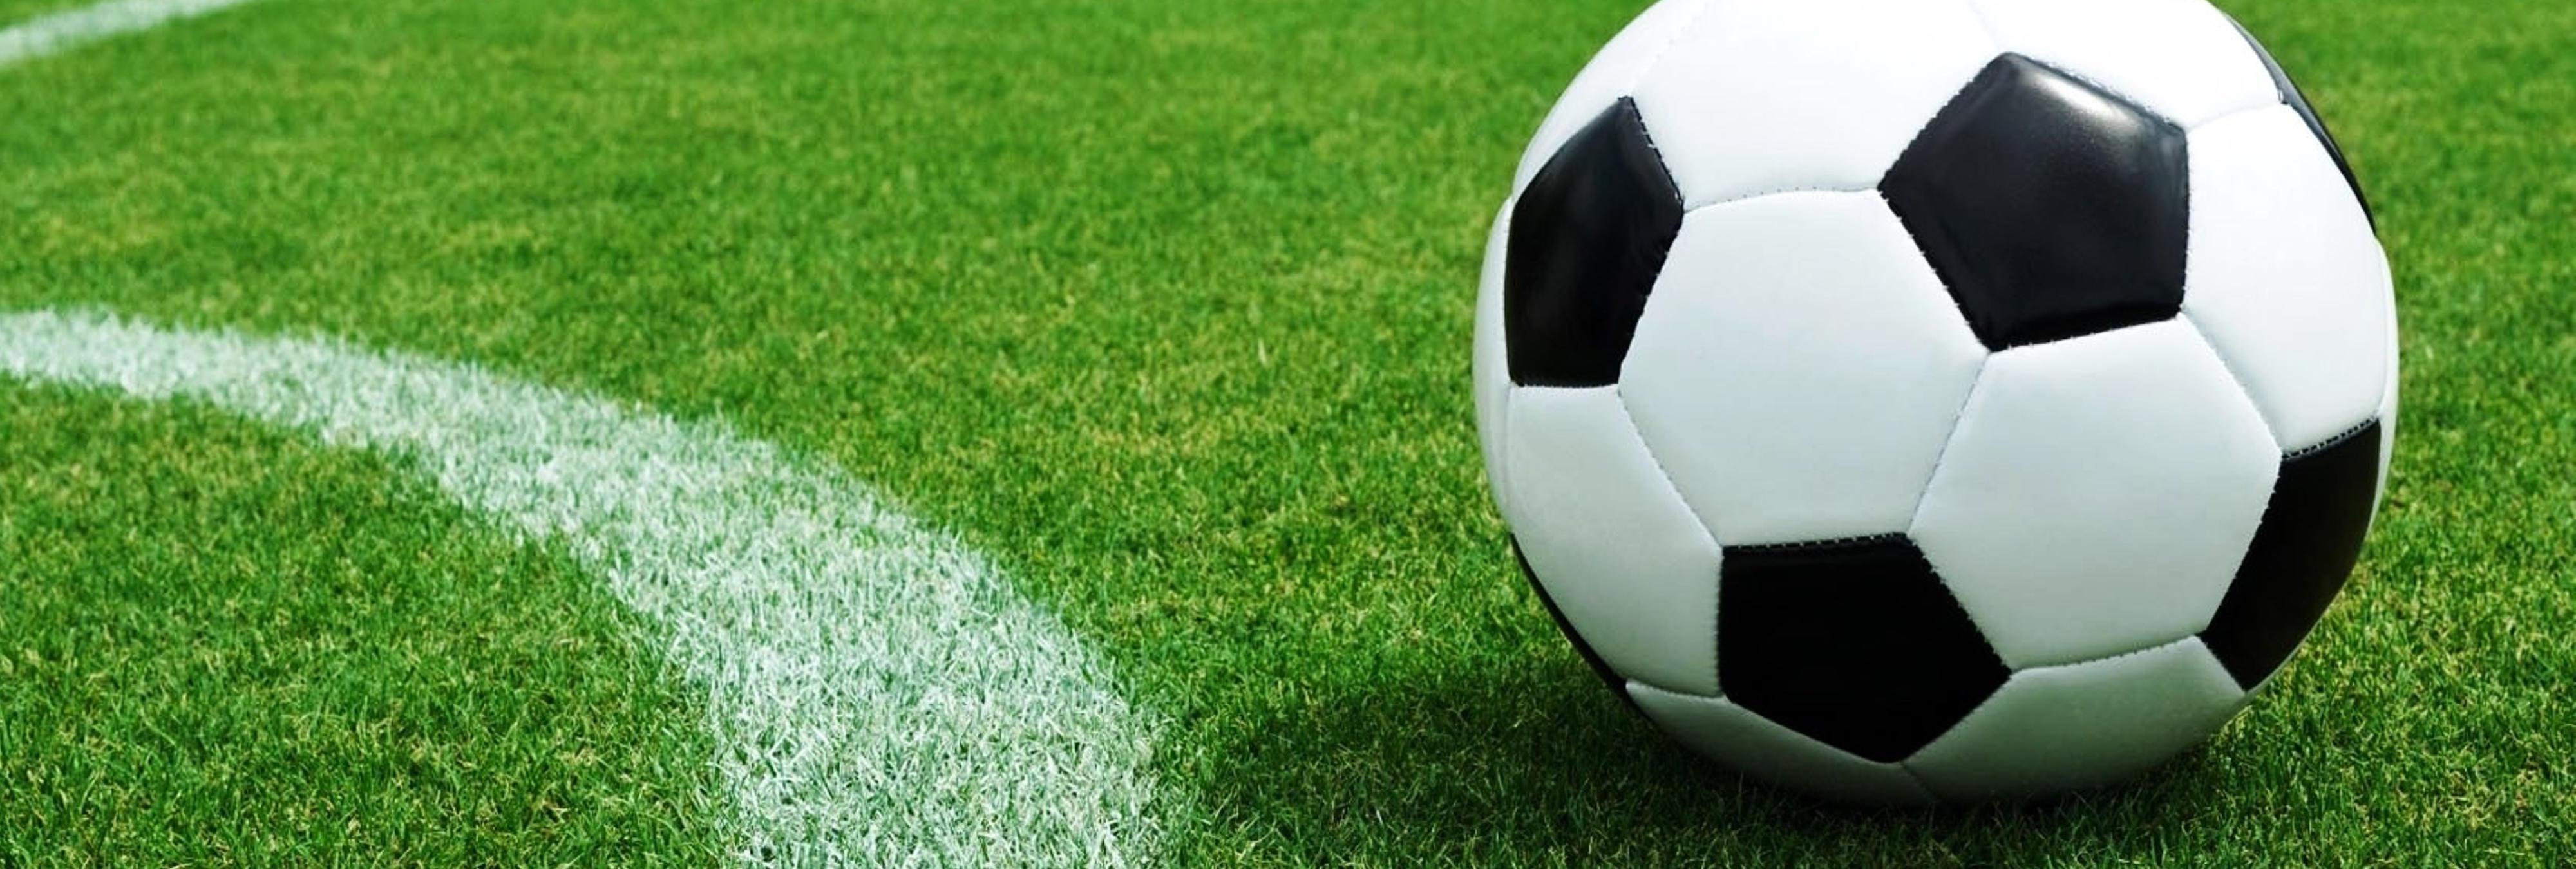 Los clubes de fútbol tampoco son Hacienda